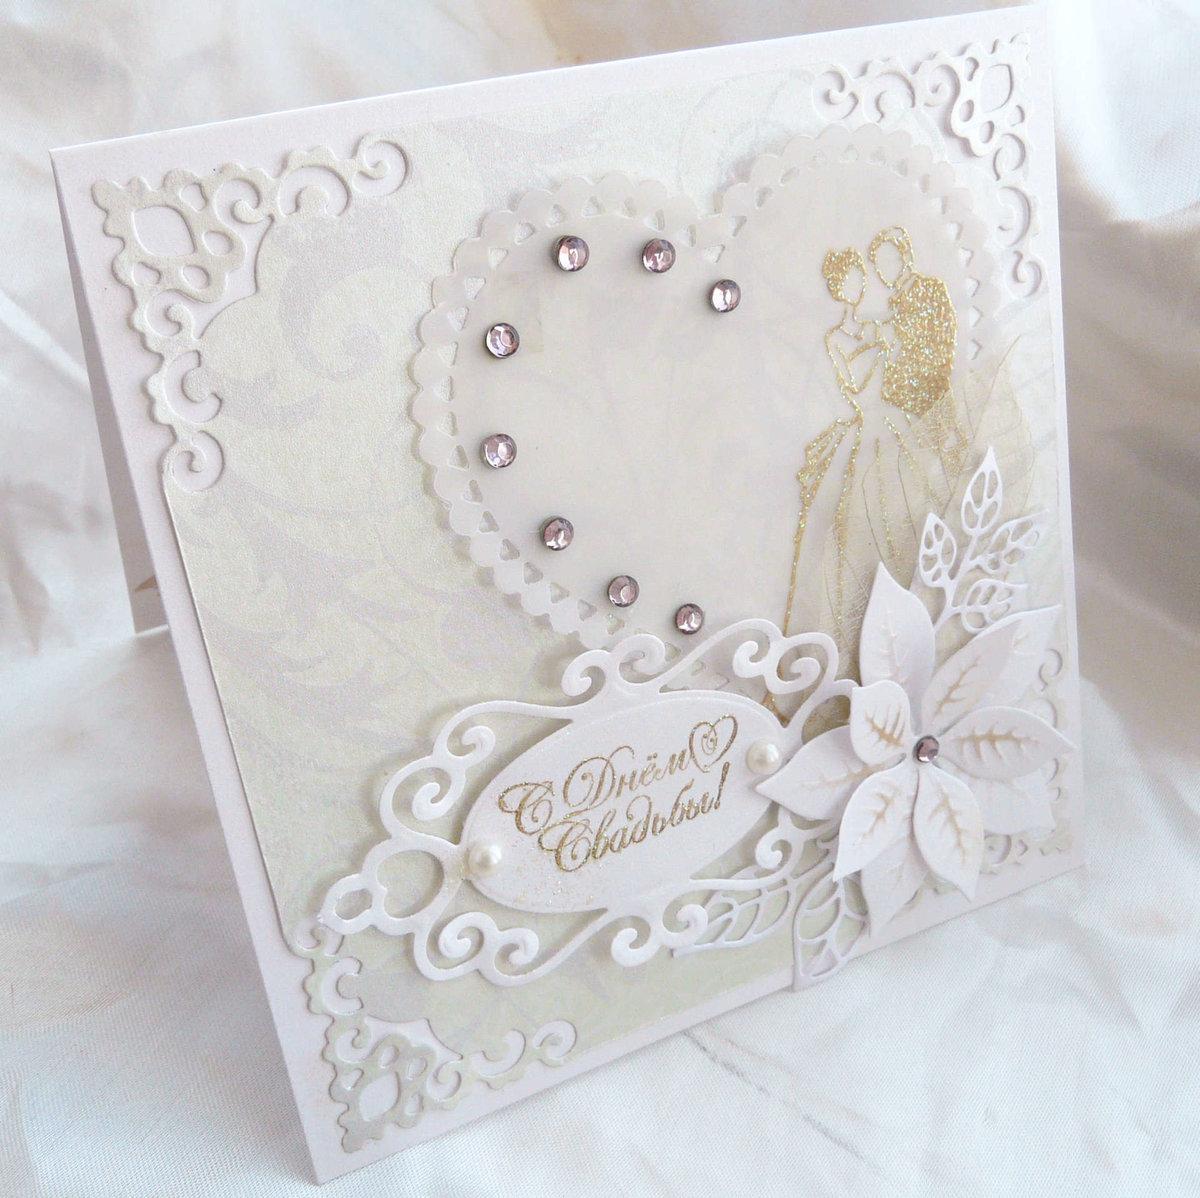 Рамки открытки, открытка на годовщину свадьбы скрапбукинг своими руками